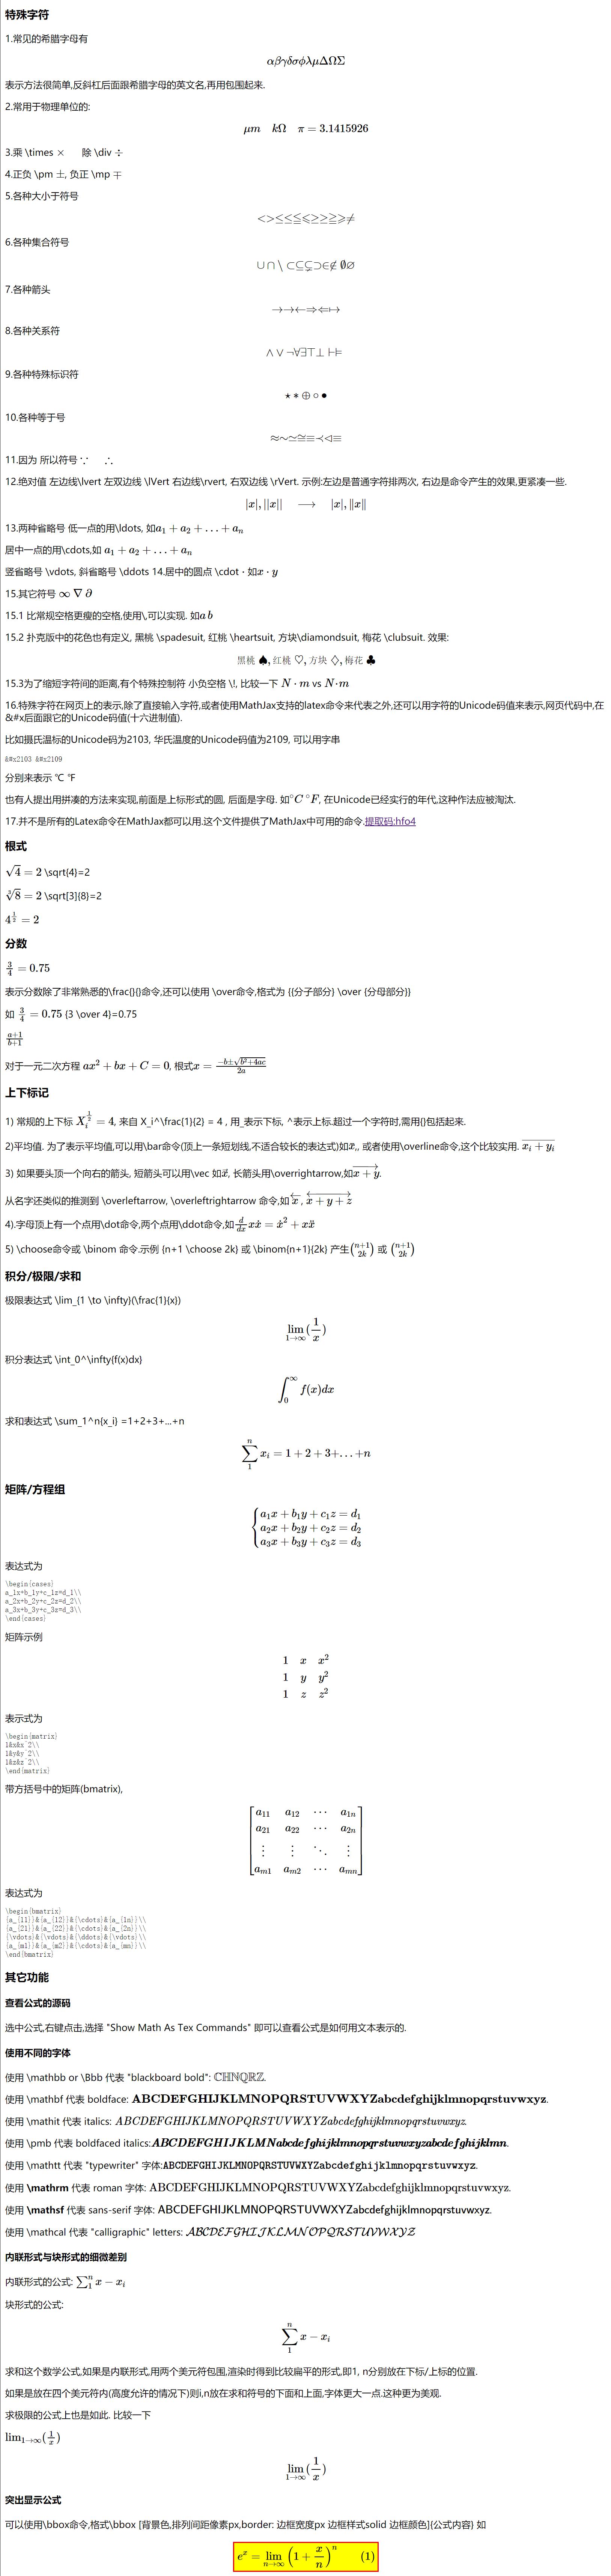 MathJax介绍.png